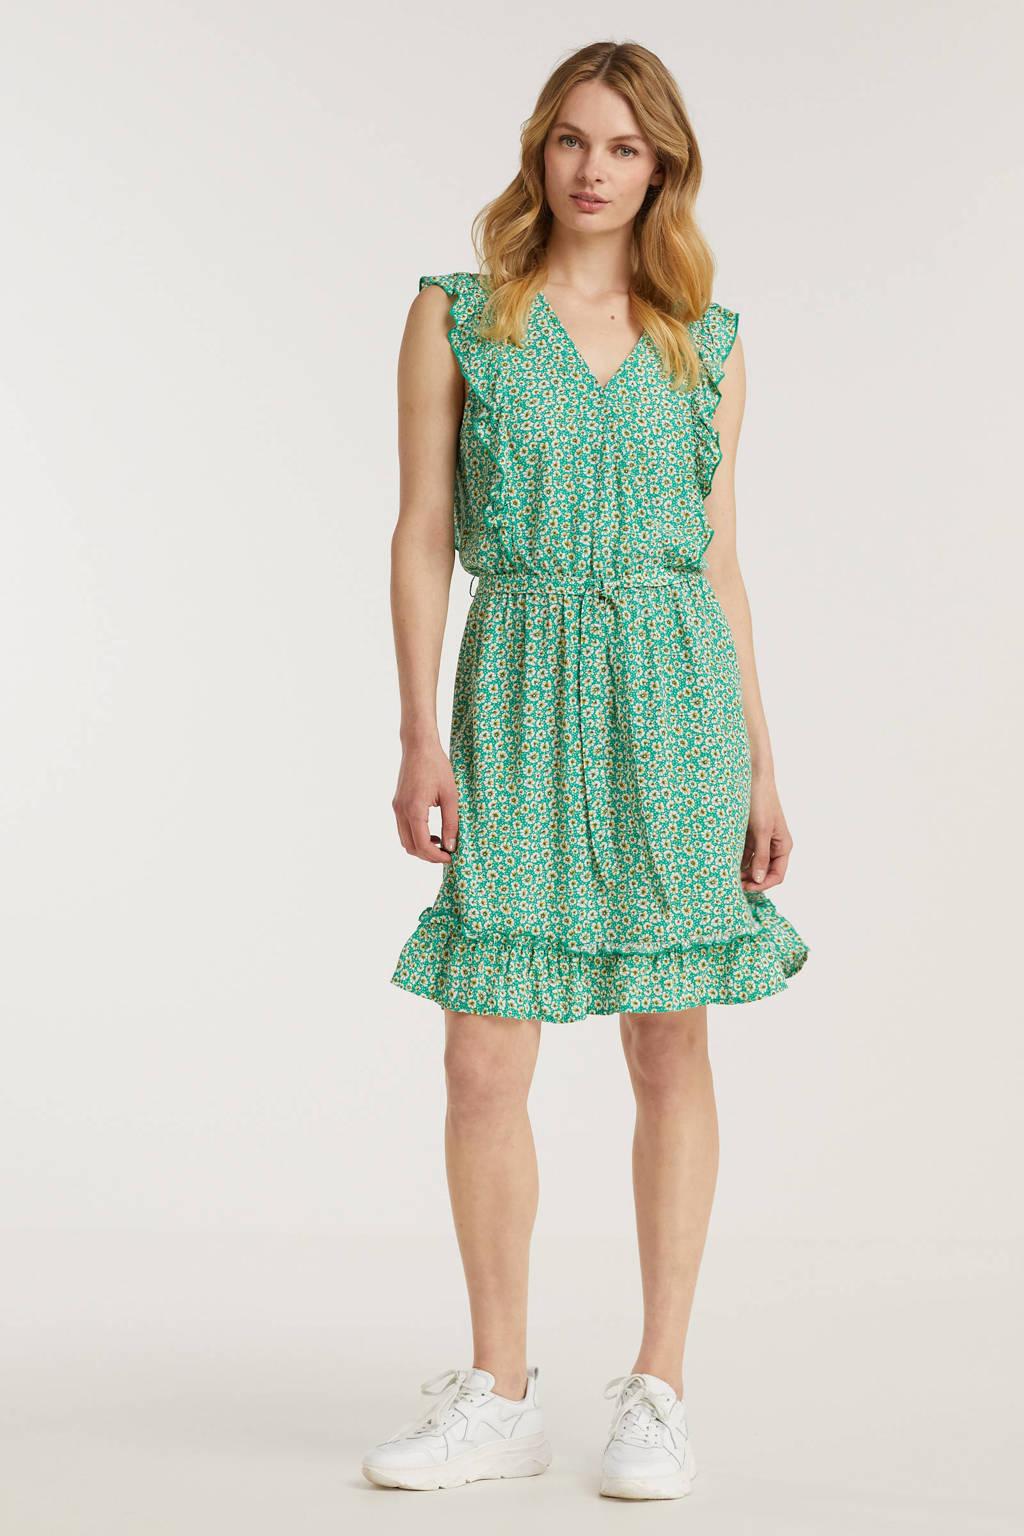 Esqualo gebloemde jurk groen, Groen